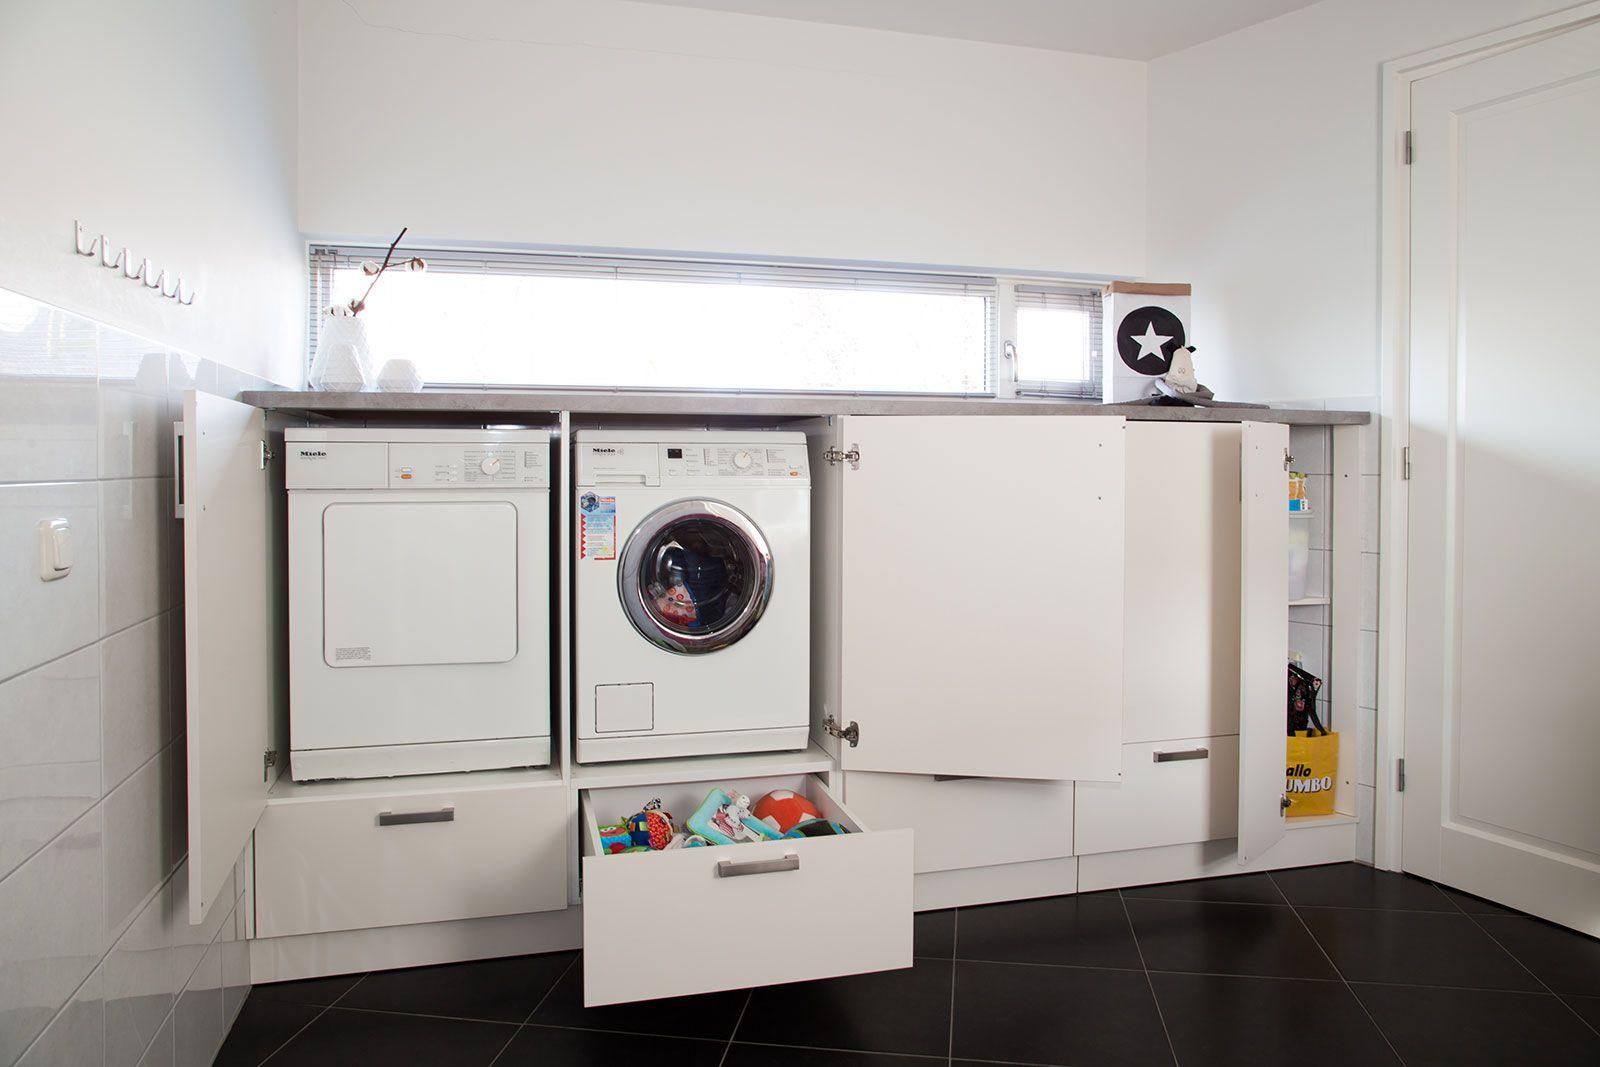 Berging inrichten google zoeken laundry room pinterest met and design - Moderne wasruimte ...